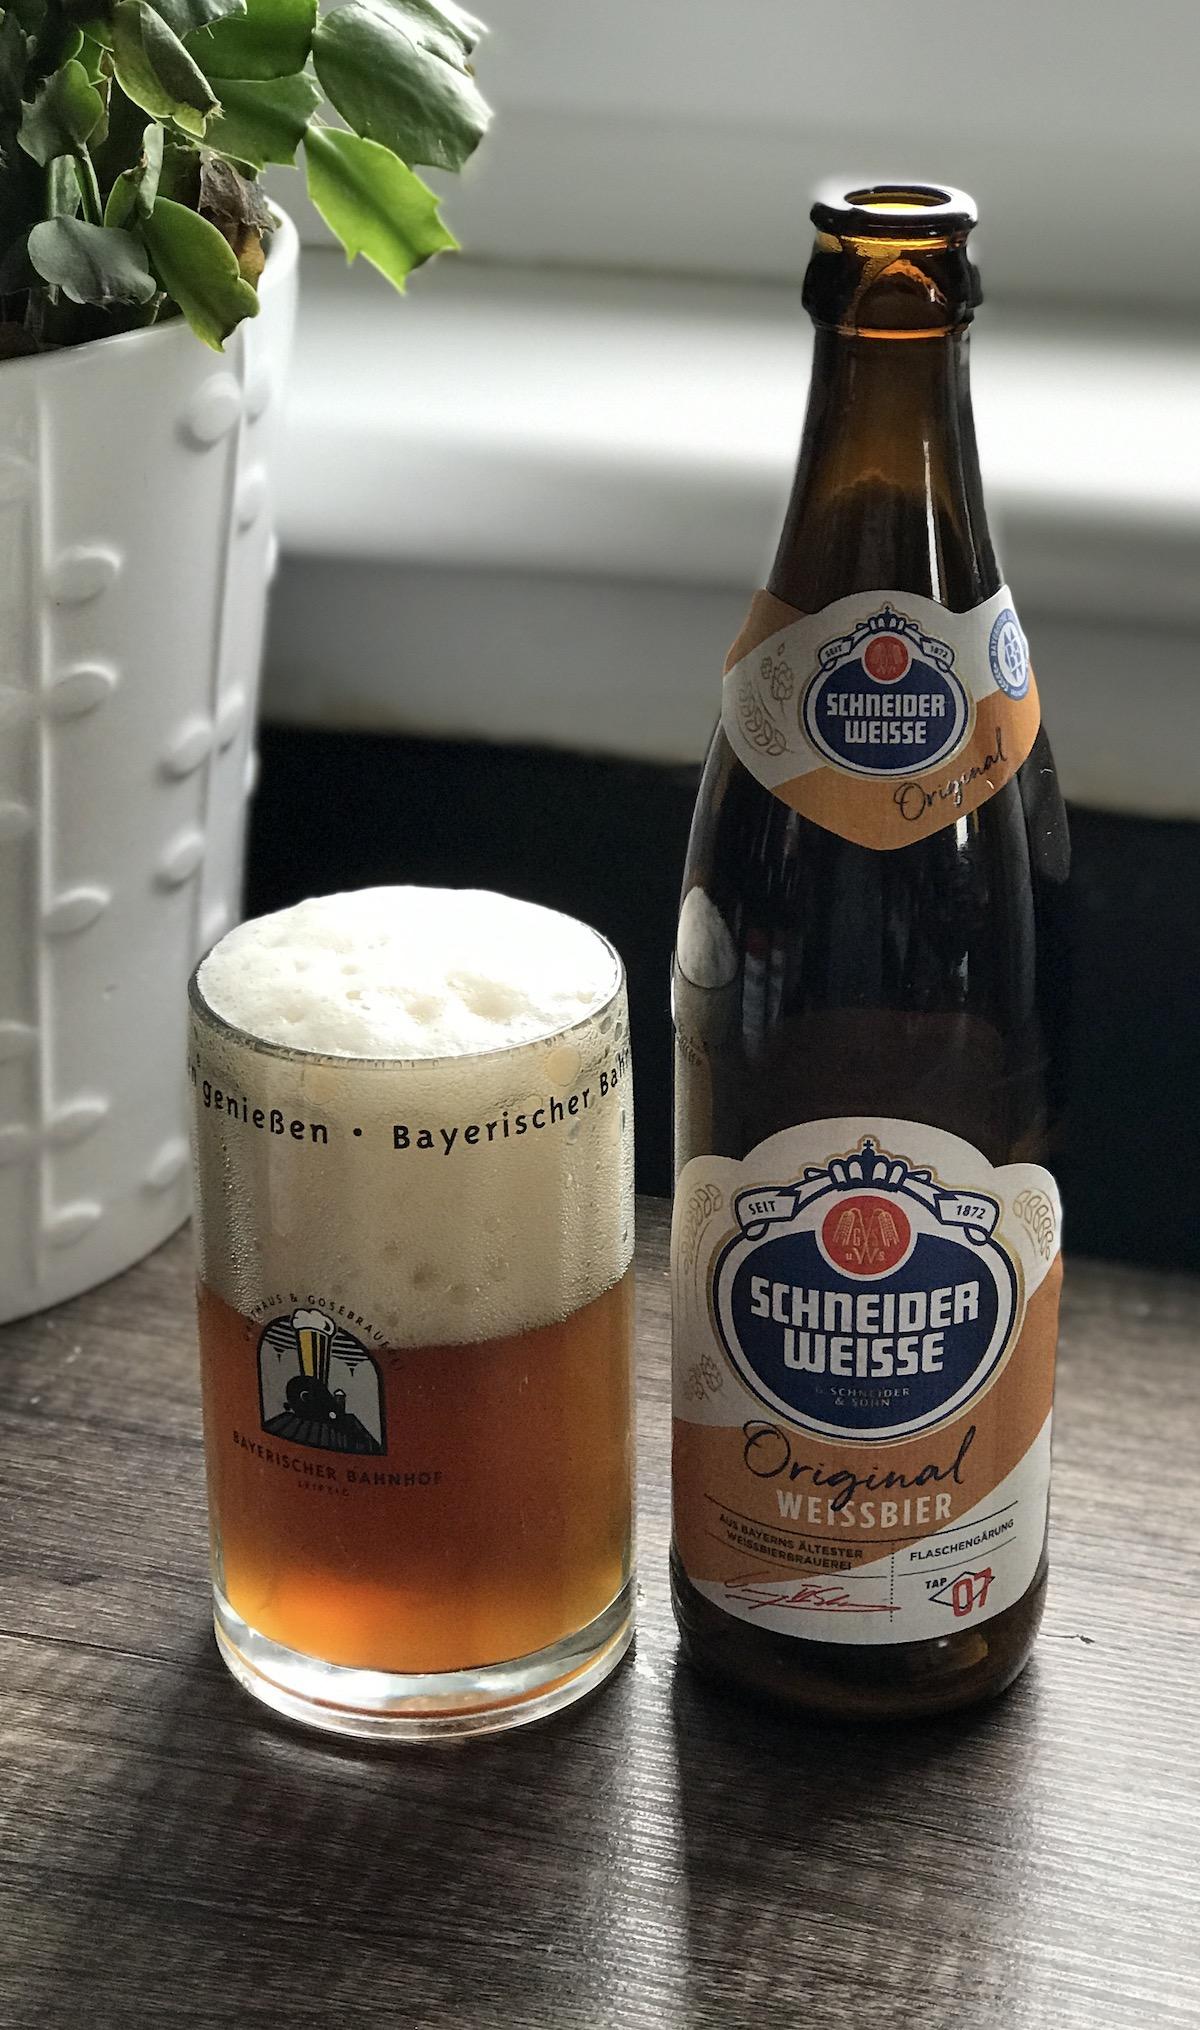 The Beer Town Schneider Weisse